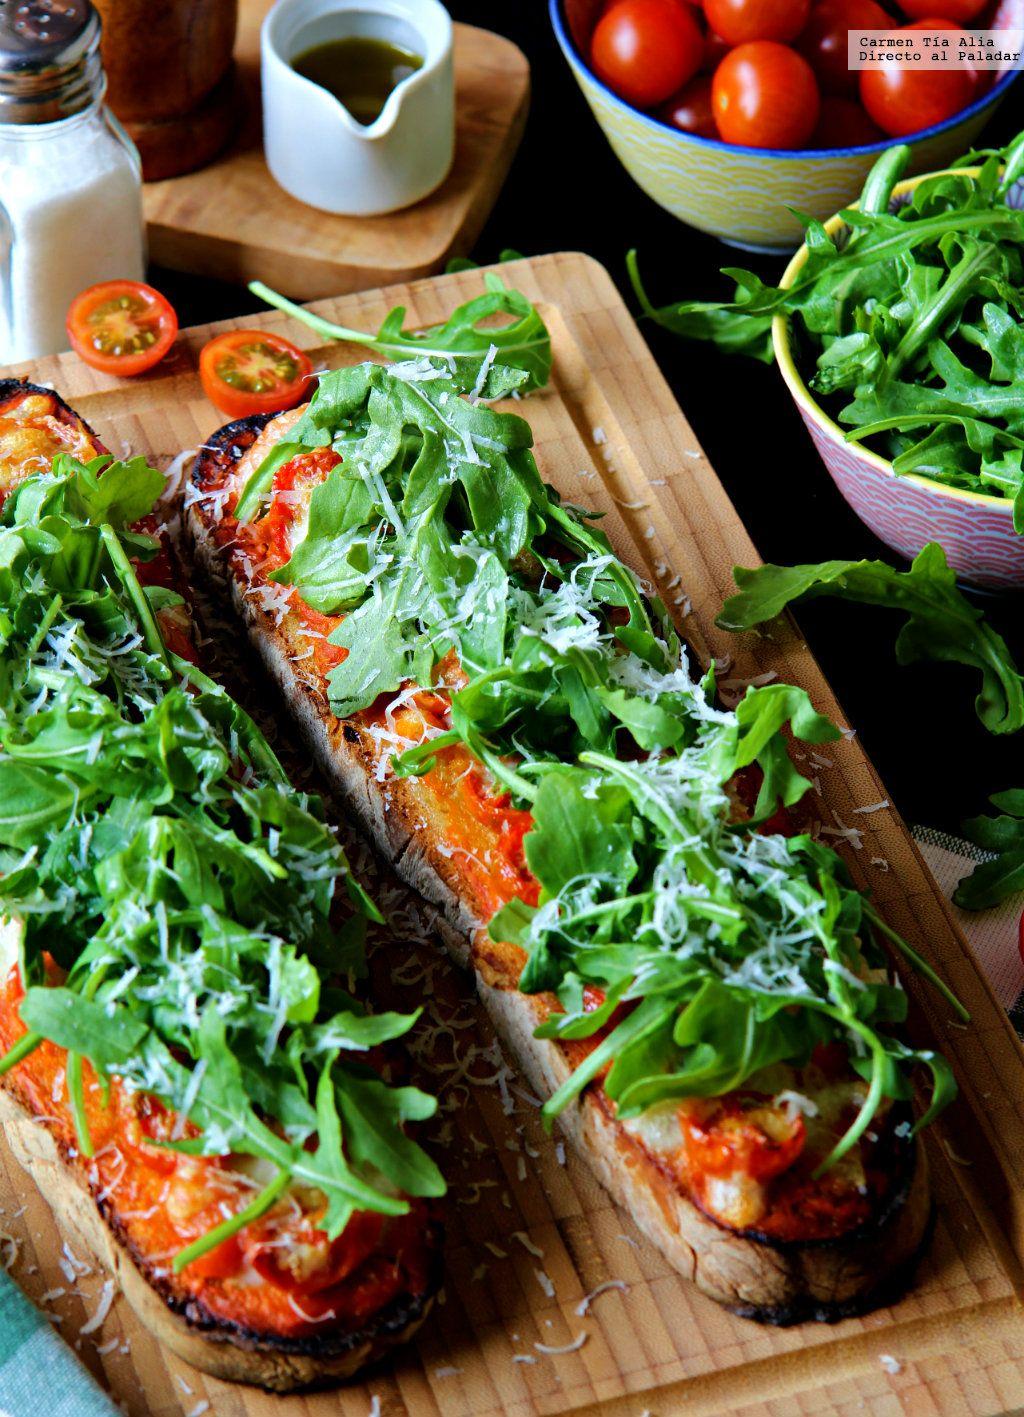 Llesca De Tomate Mozarella Y Rucula Receta Facil Y Rapida